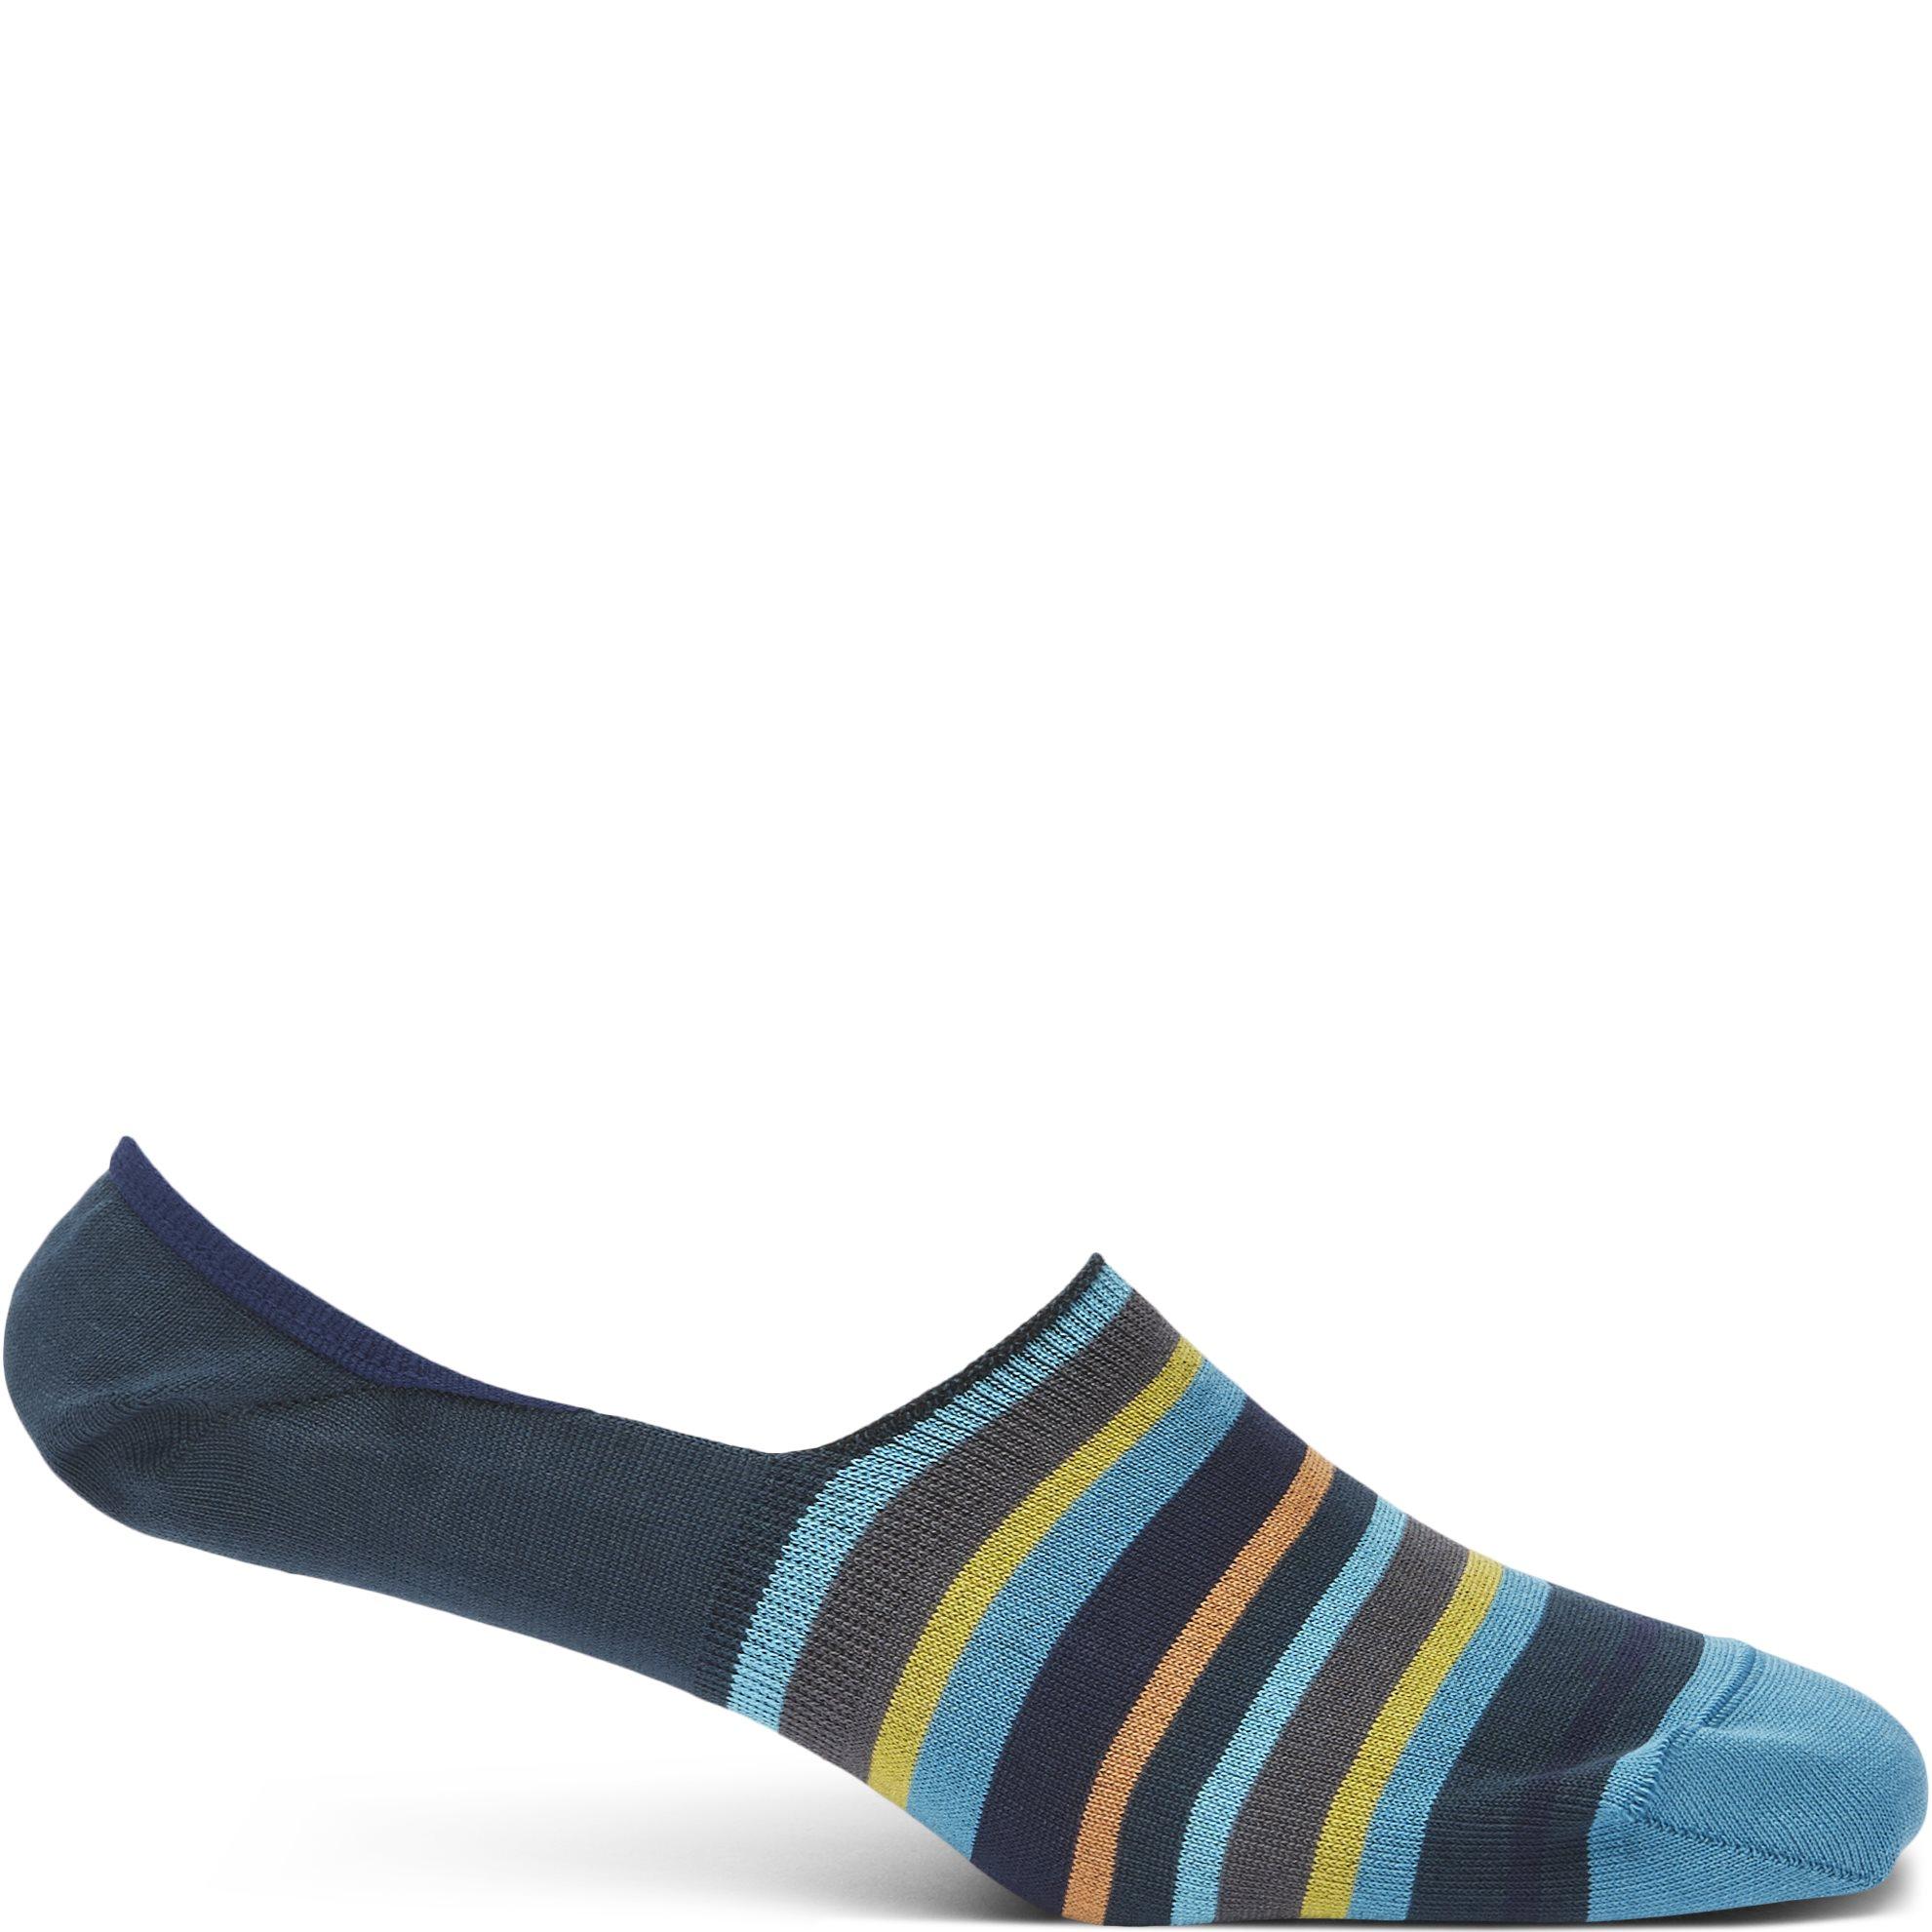 Socks - Turquoise